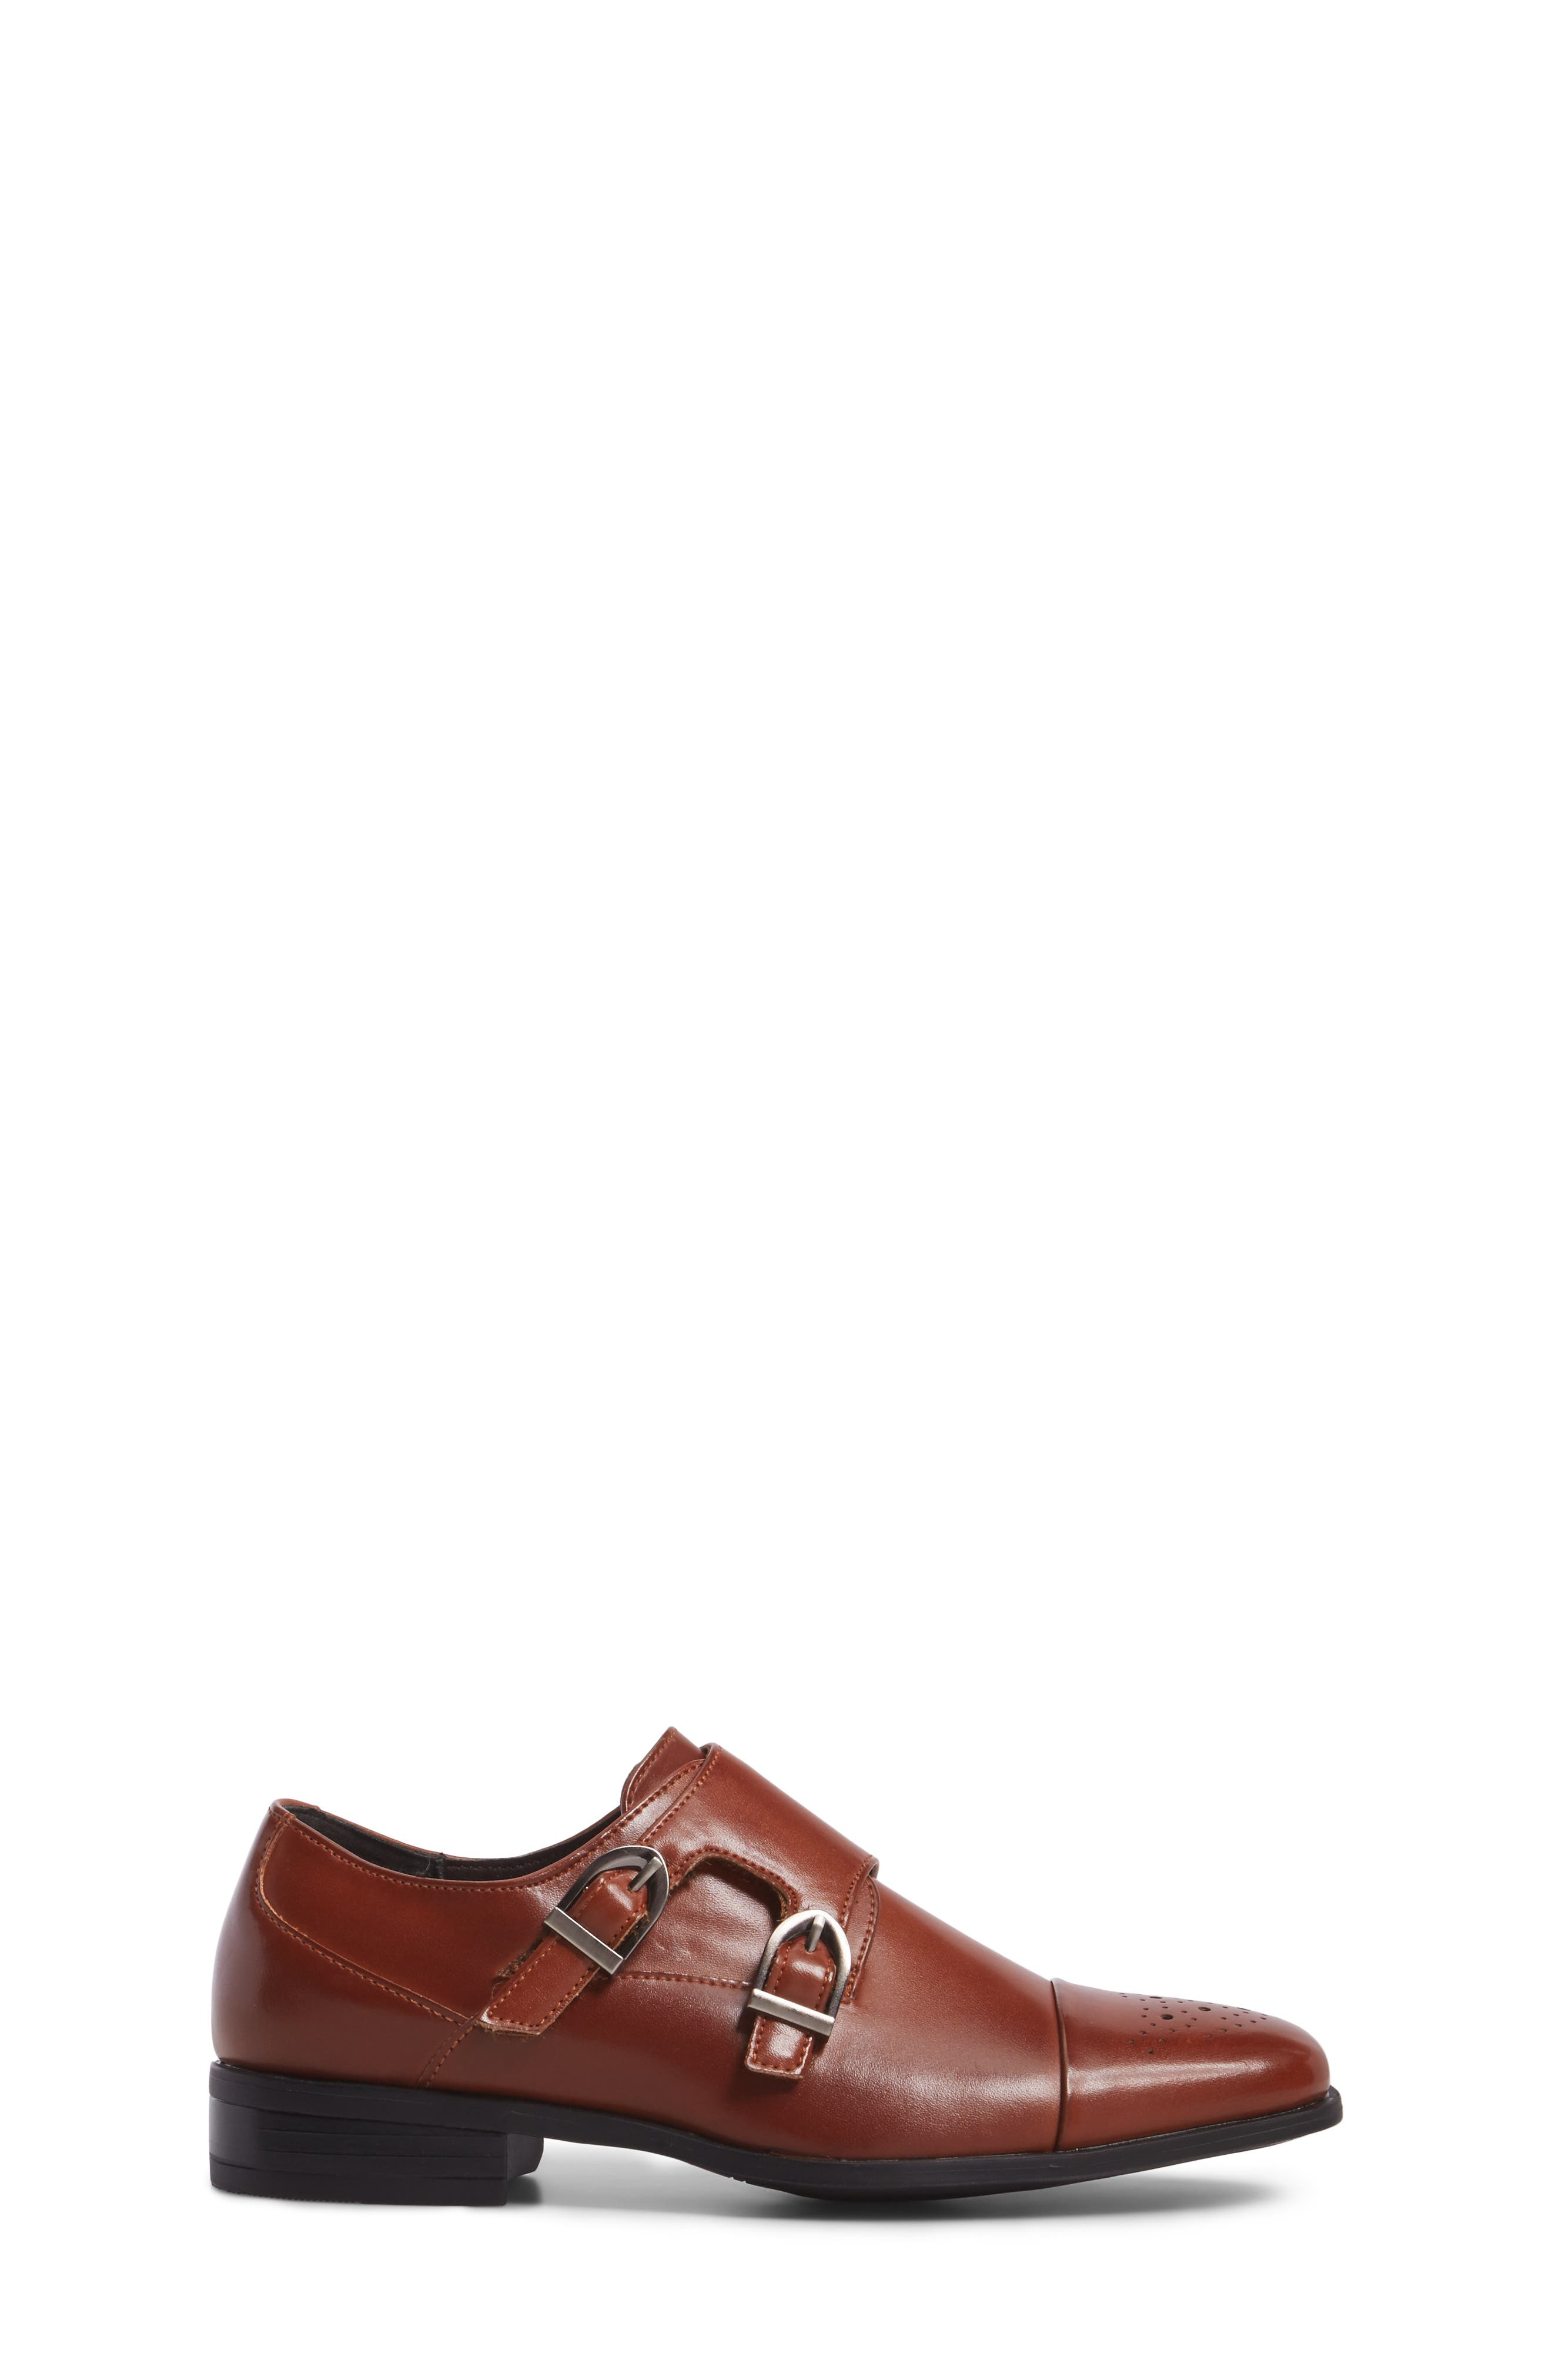 Trevor Cap Toe Monk Shoe,                             Alternate thumbnail 3, color,                             Cognac